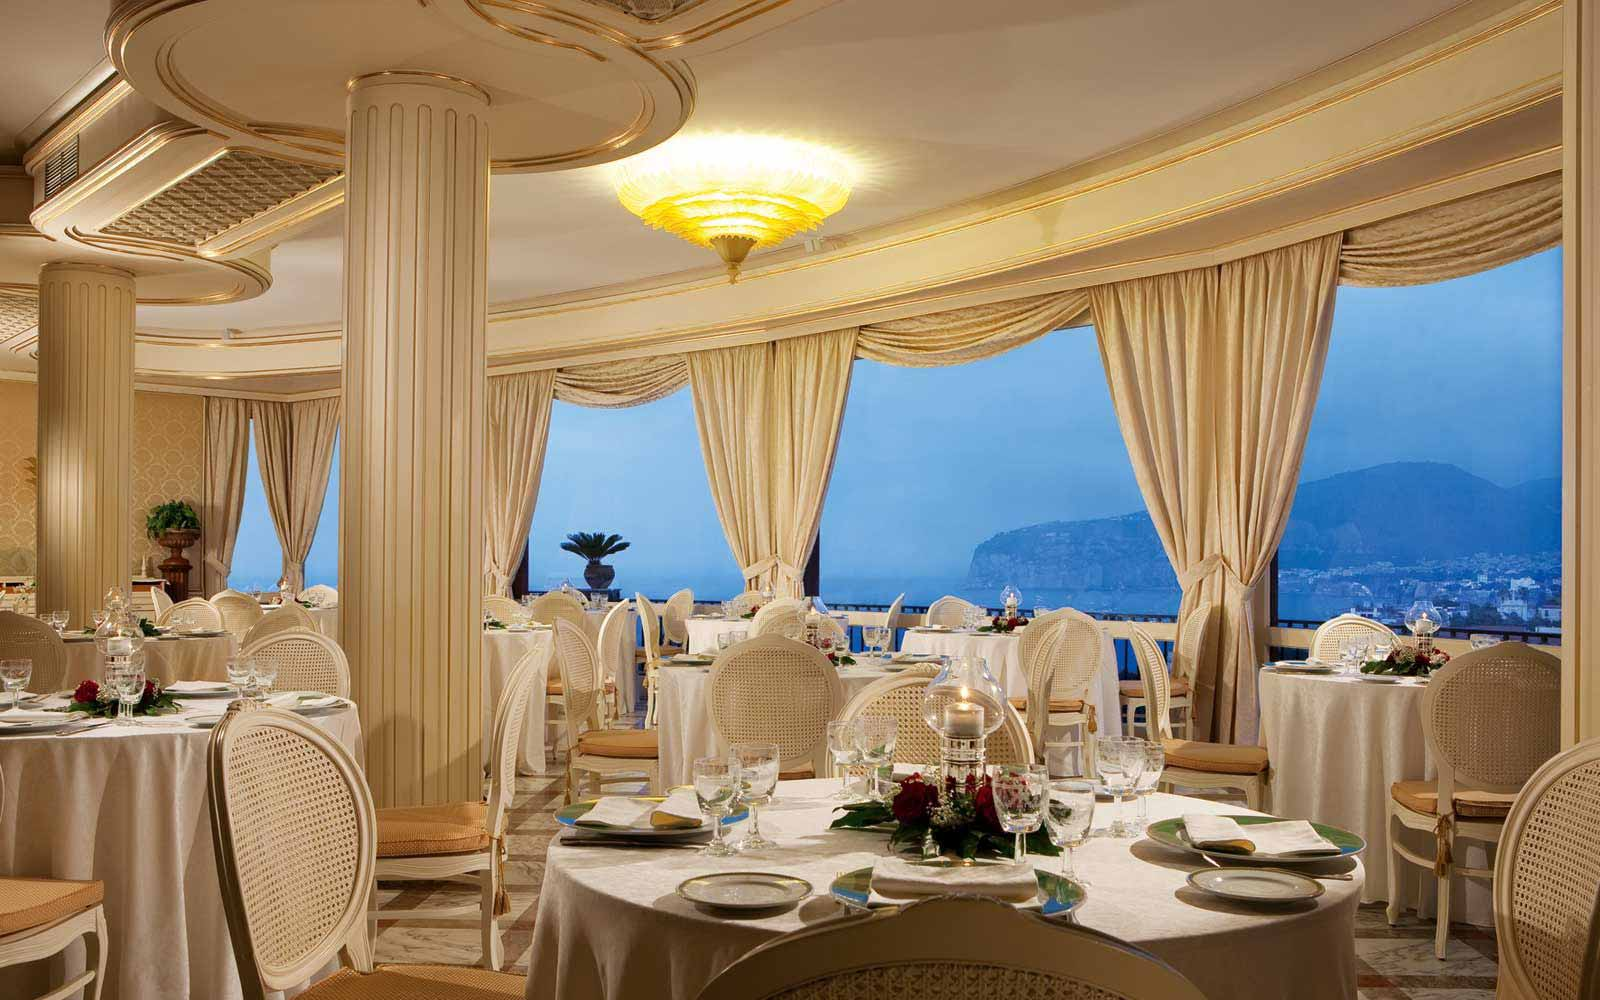 Le Ginestre Restaurant at Grand Hotel Capodimonte